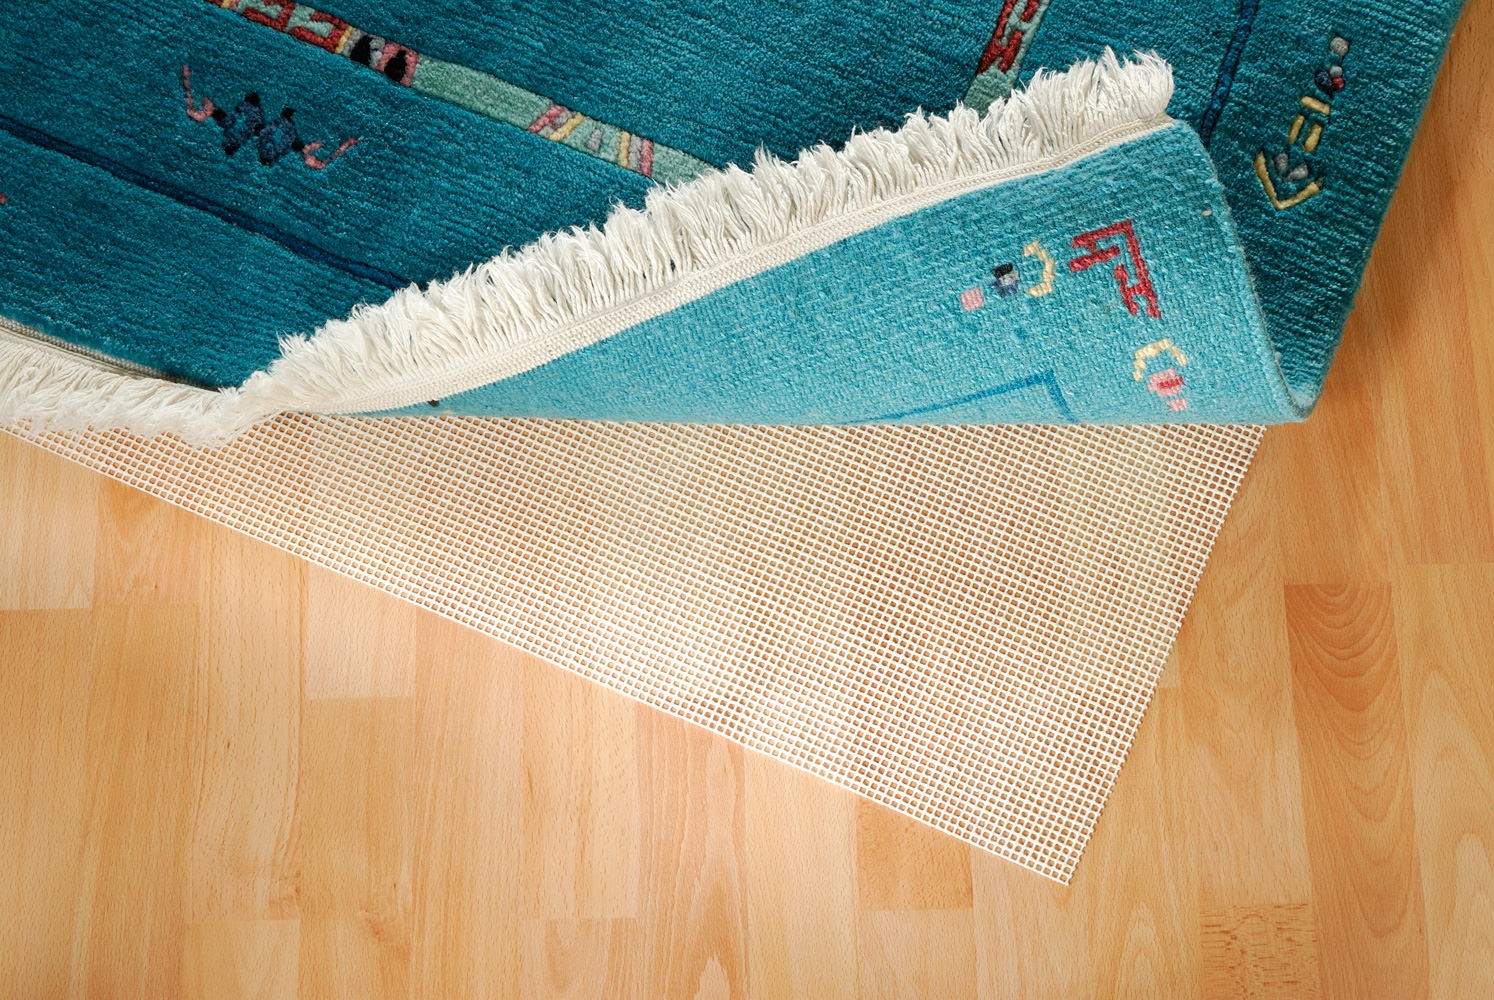 Teppichunterlage Gitter Star breite 60 cm (für glatte Böden)